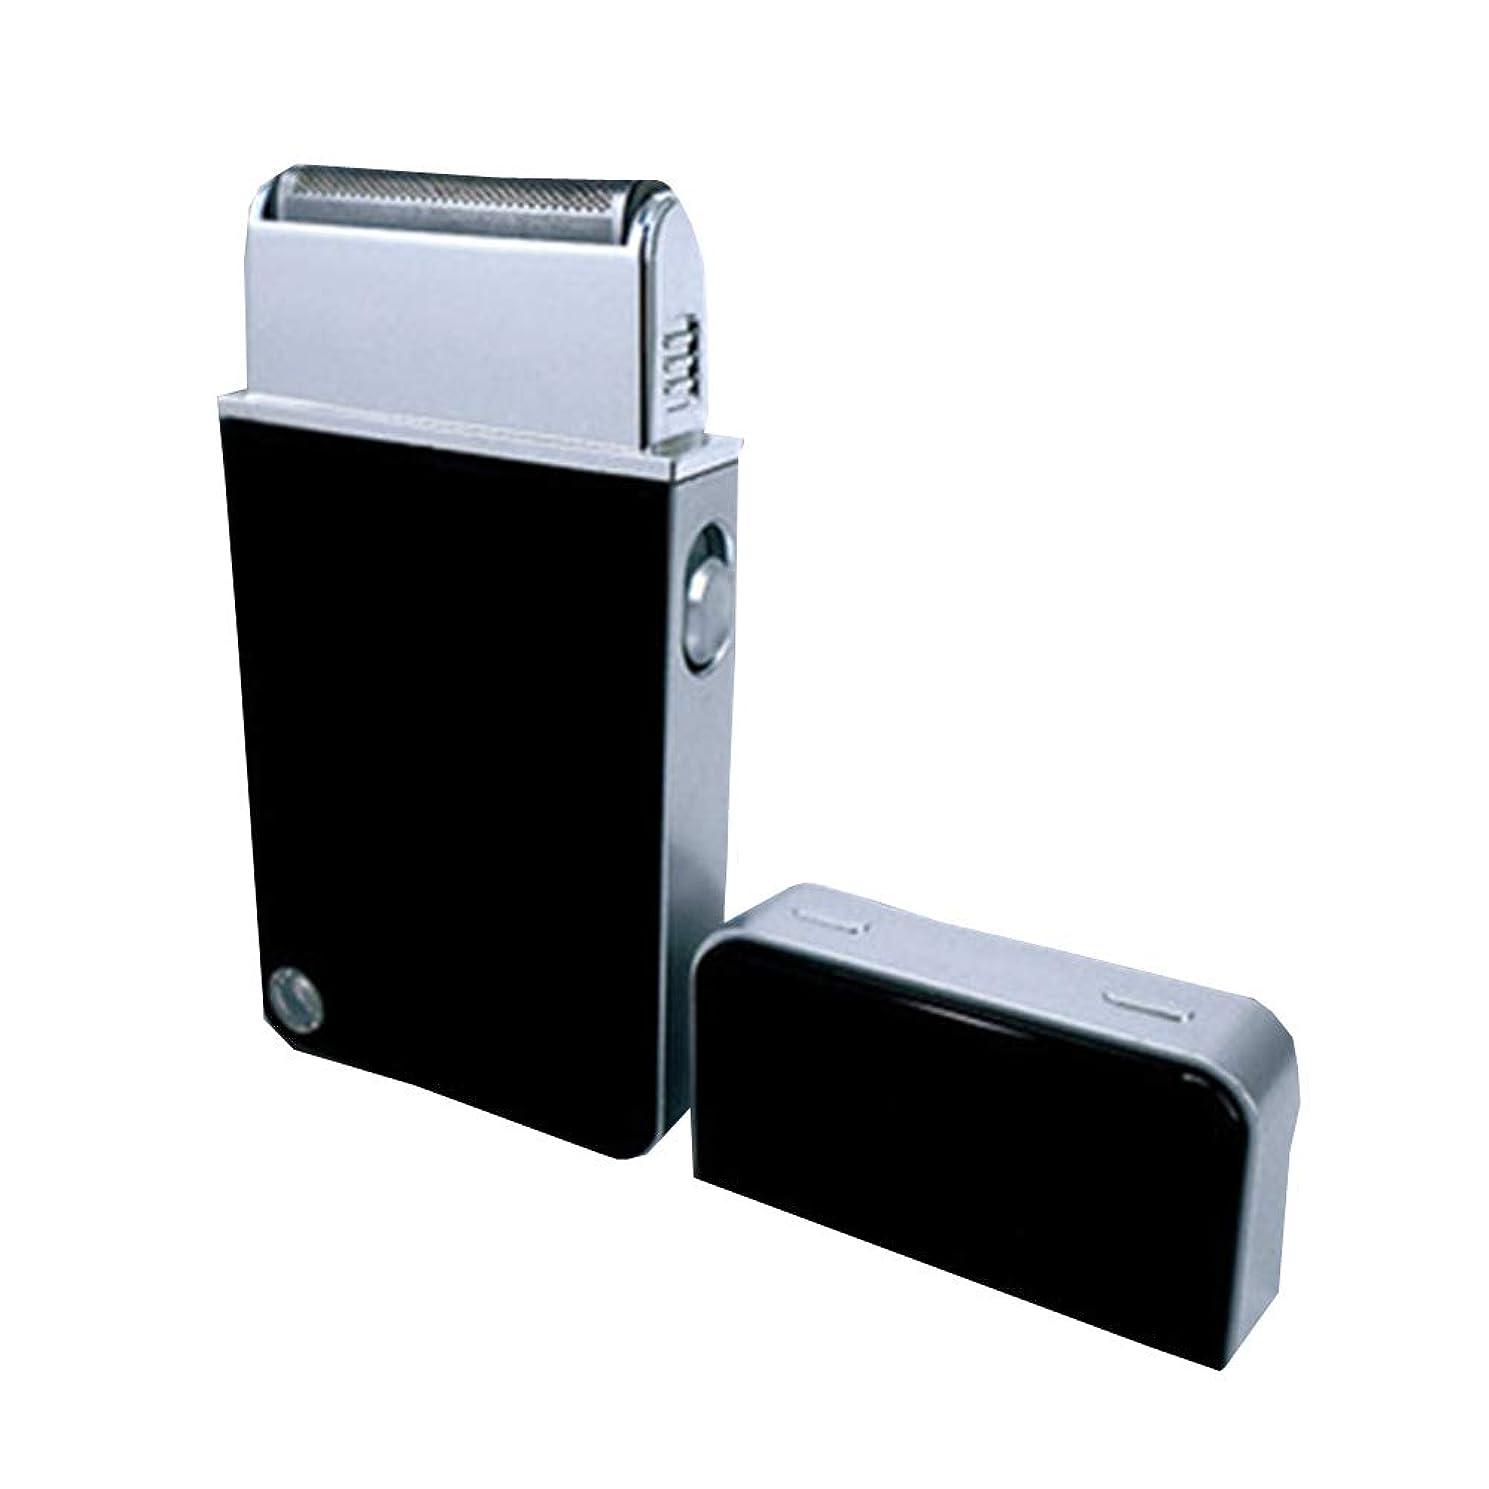 とてもシリアル警報メンズシェーバー USB充電式 電気シェーバー ひげ剃り コンパクト 携帯用シェーバー 旅行用 軽量 ギフトCSH004